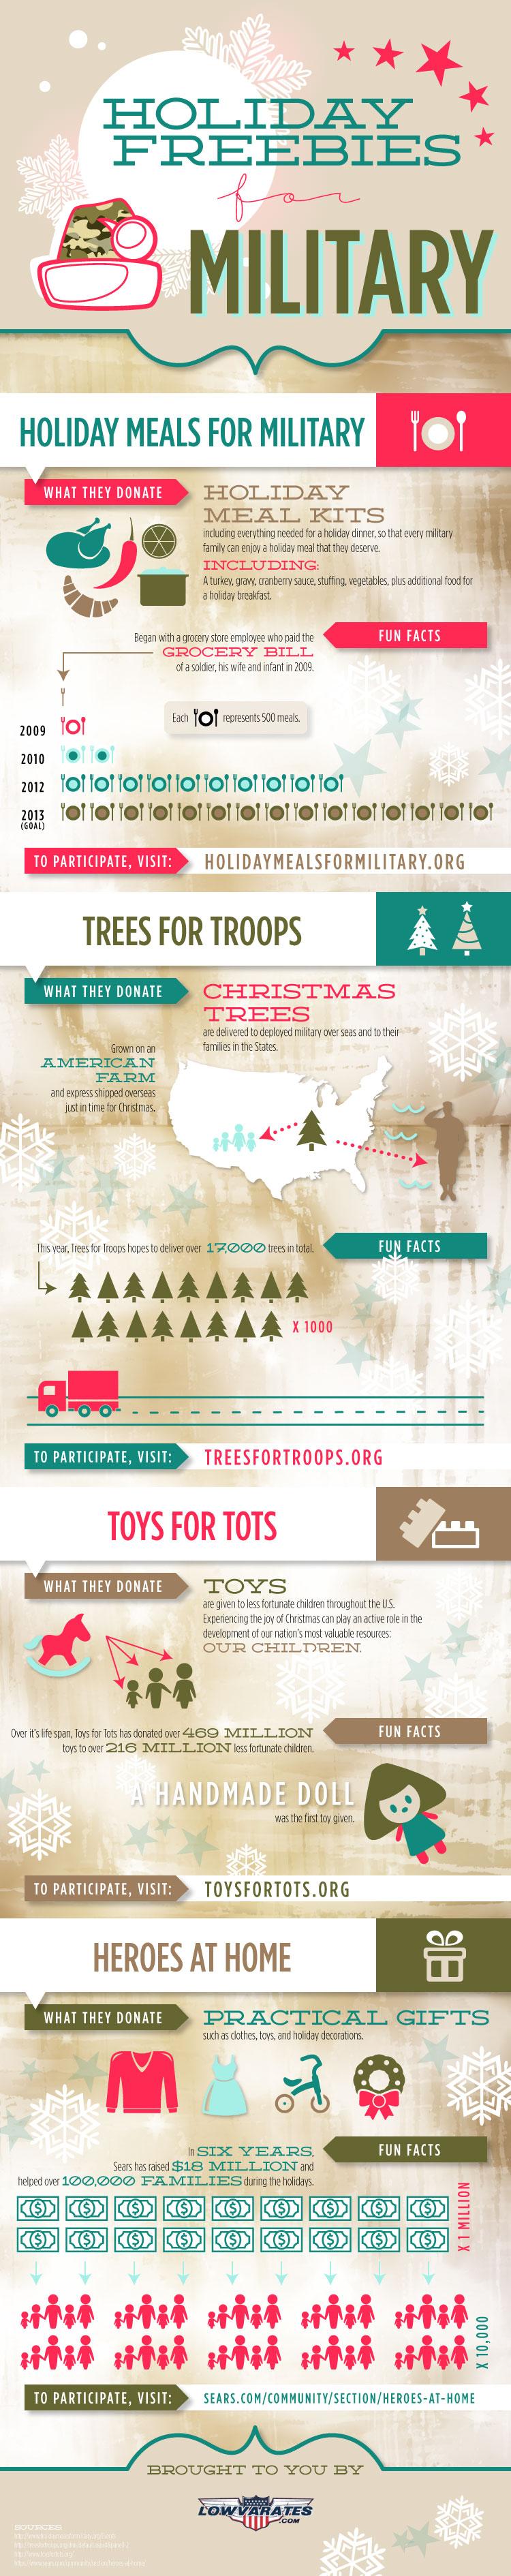 02 -HolidayFreebies